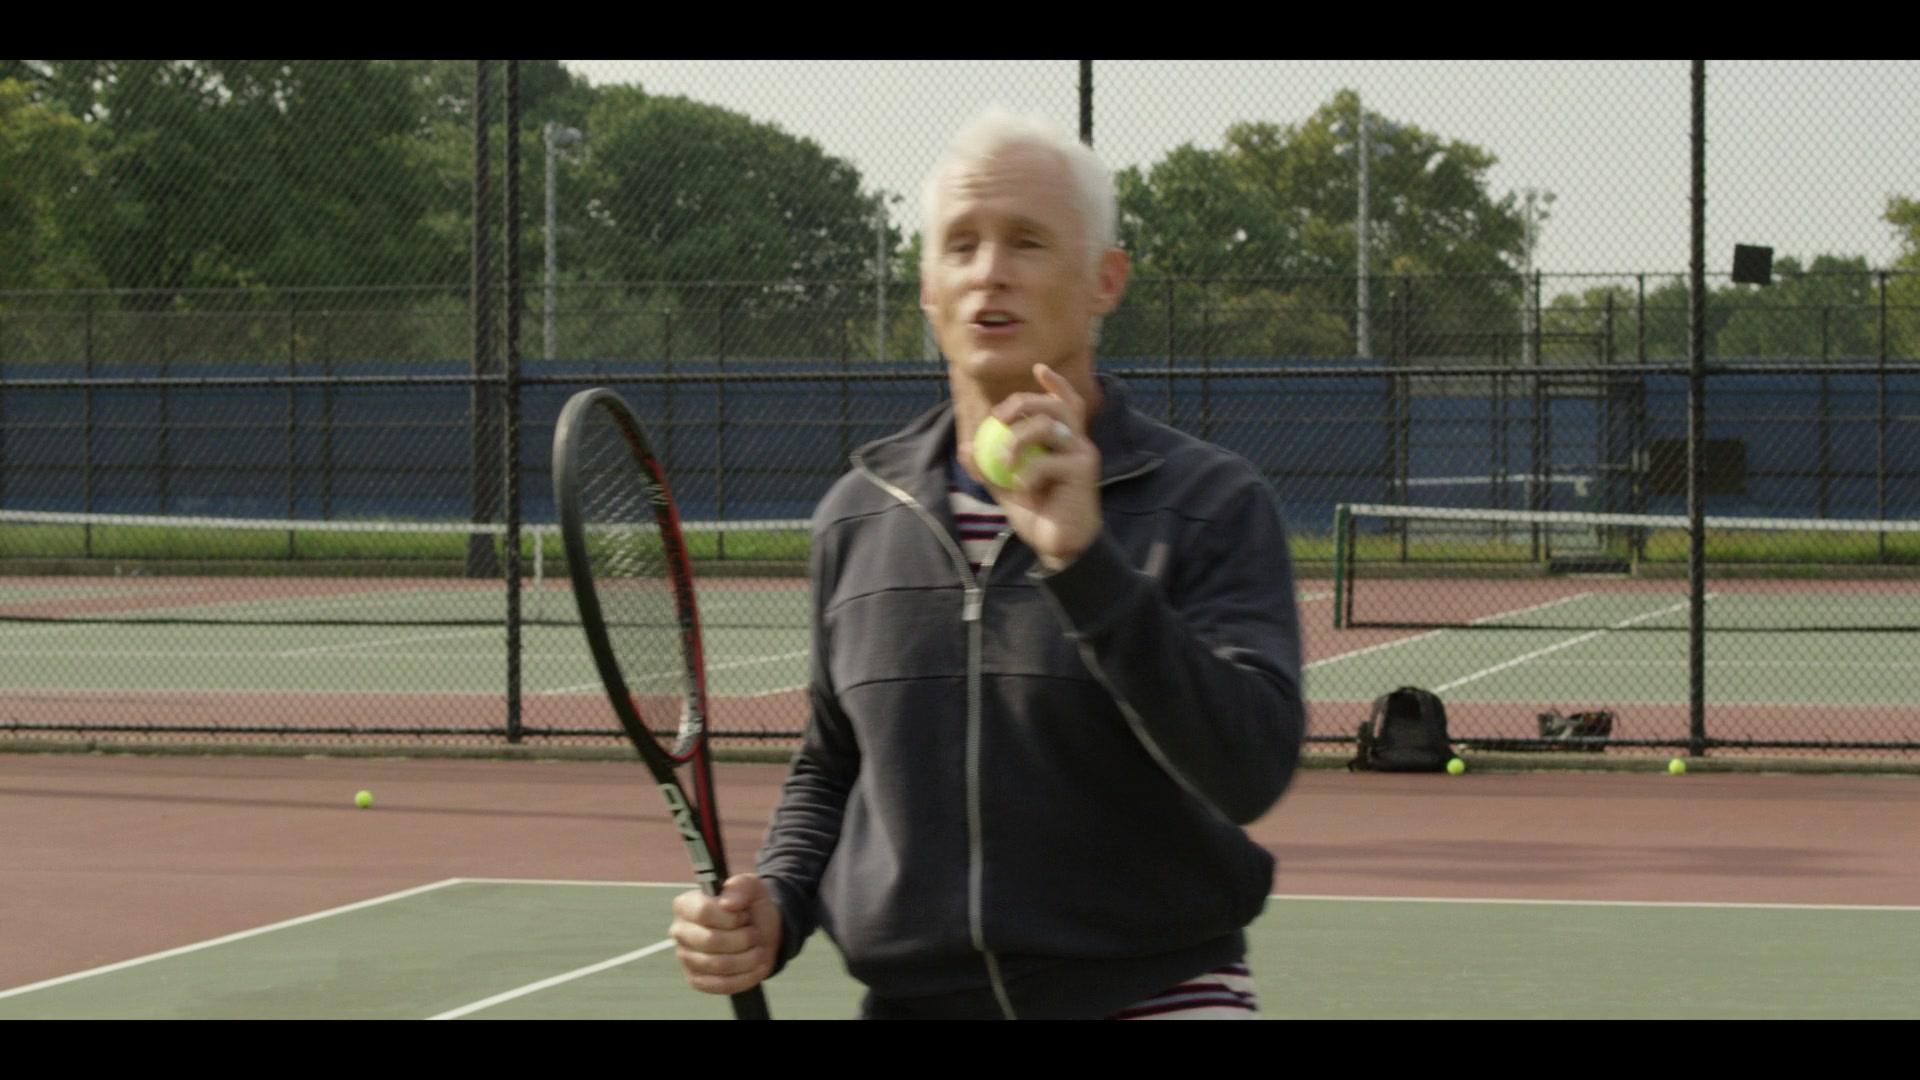 HEAD Tennis Racquet Used by John Slattery as Dennis in